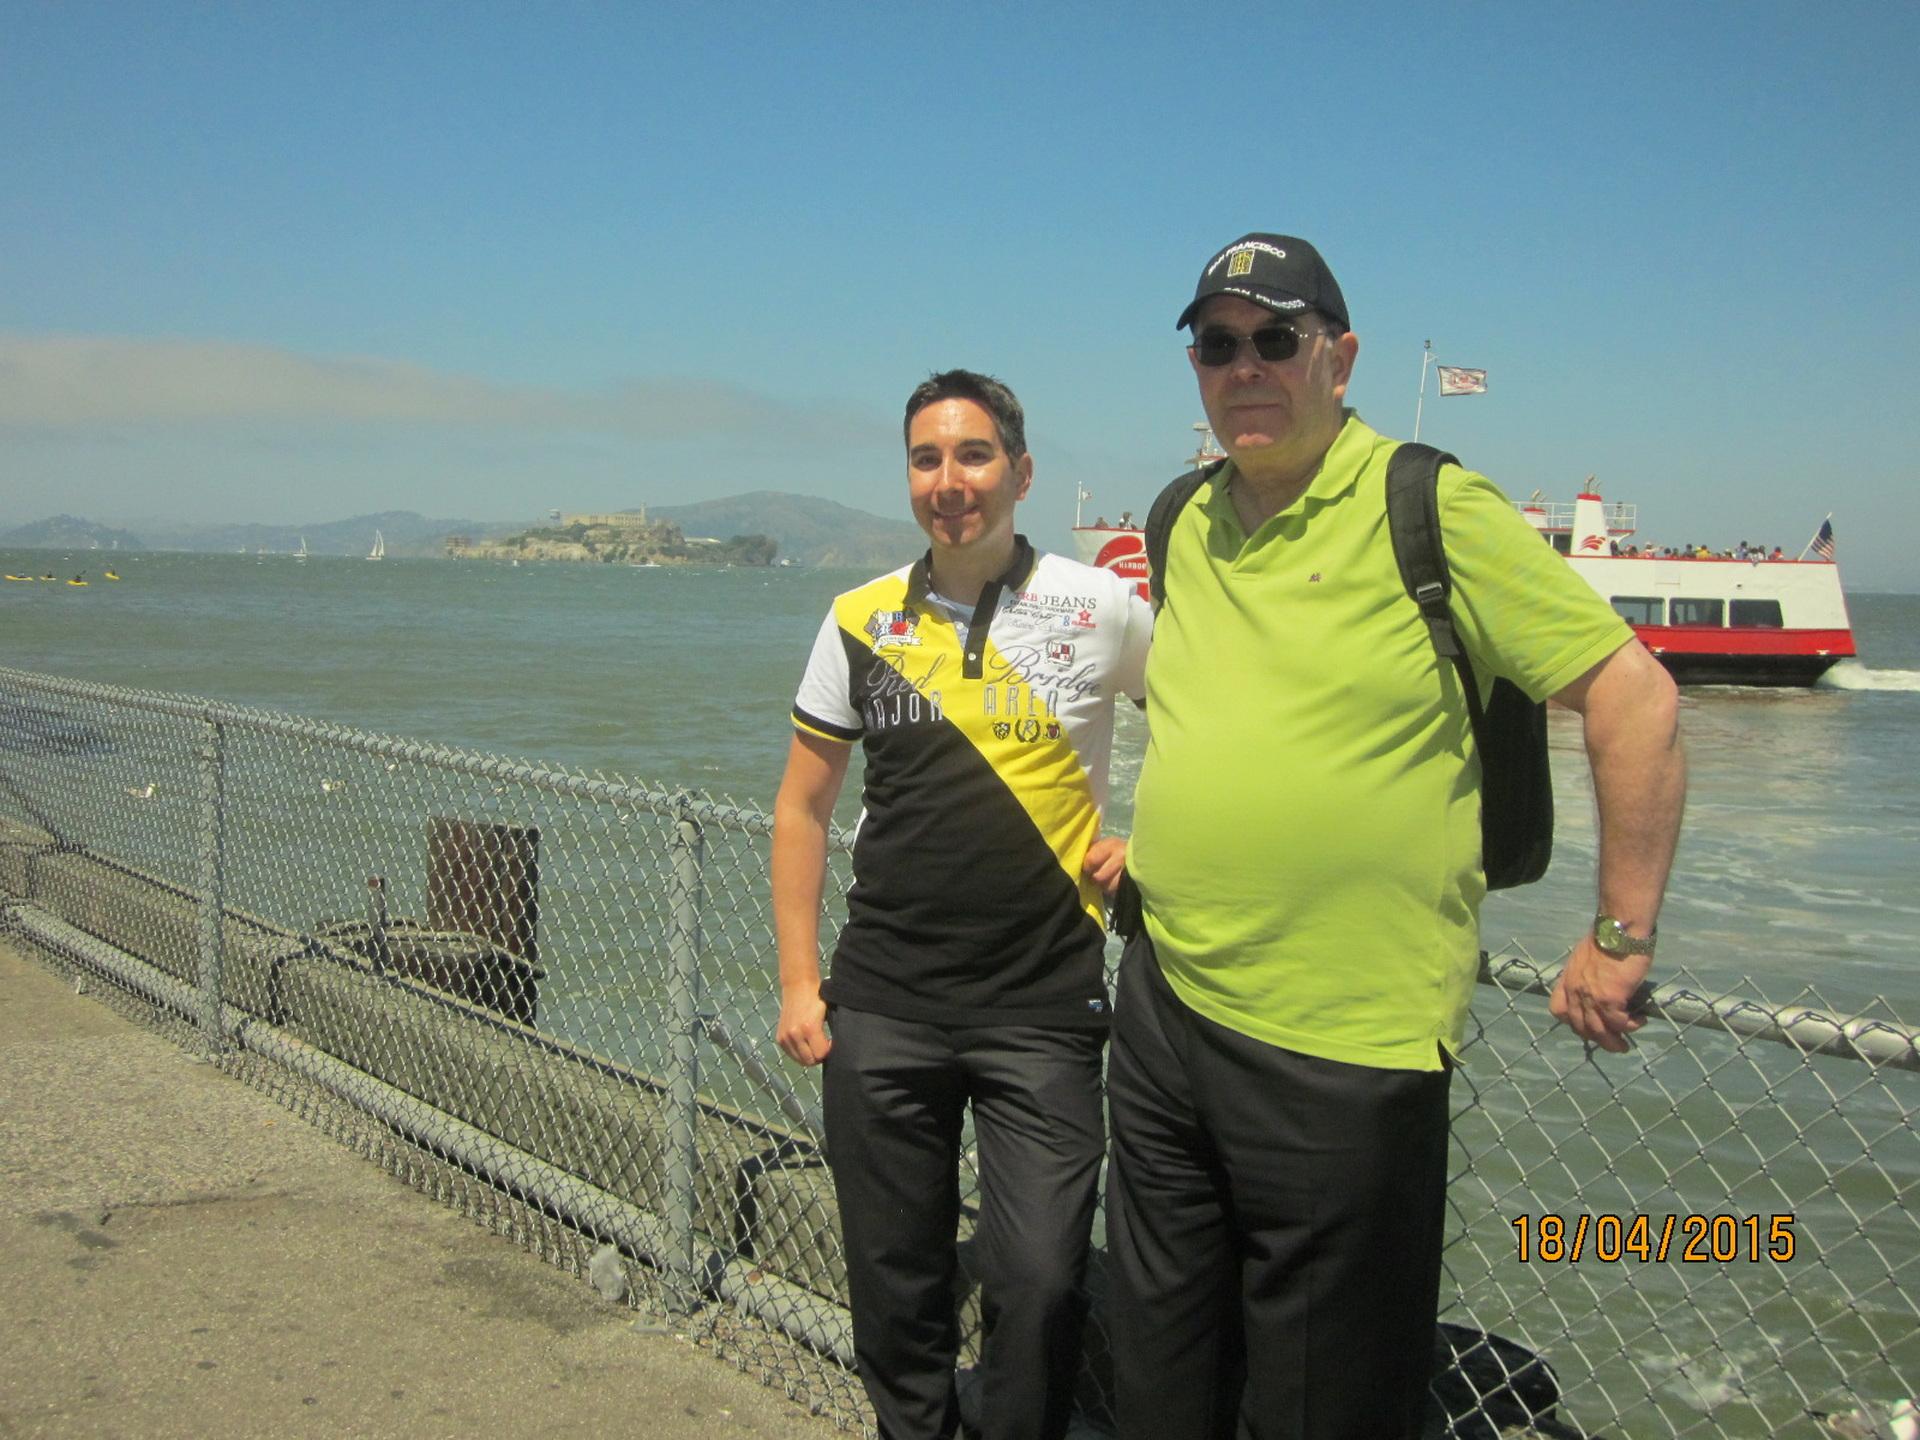 Mit Ulrich in San Francisco 2015